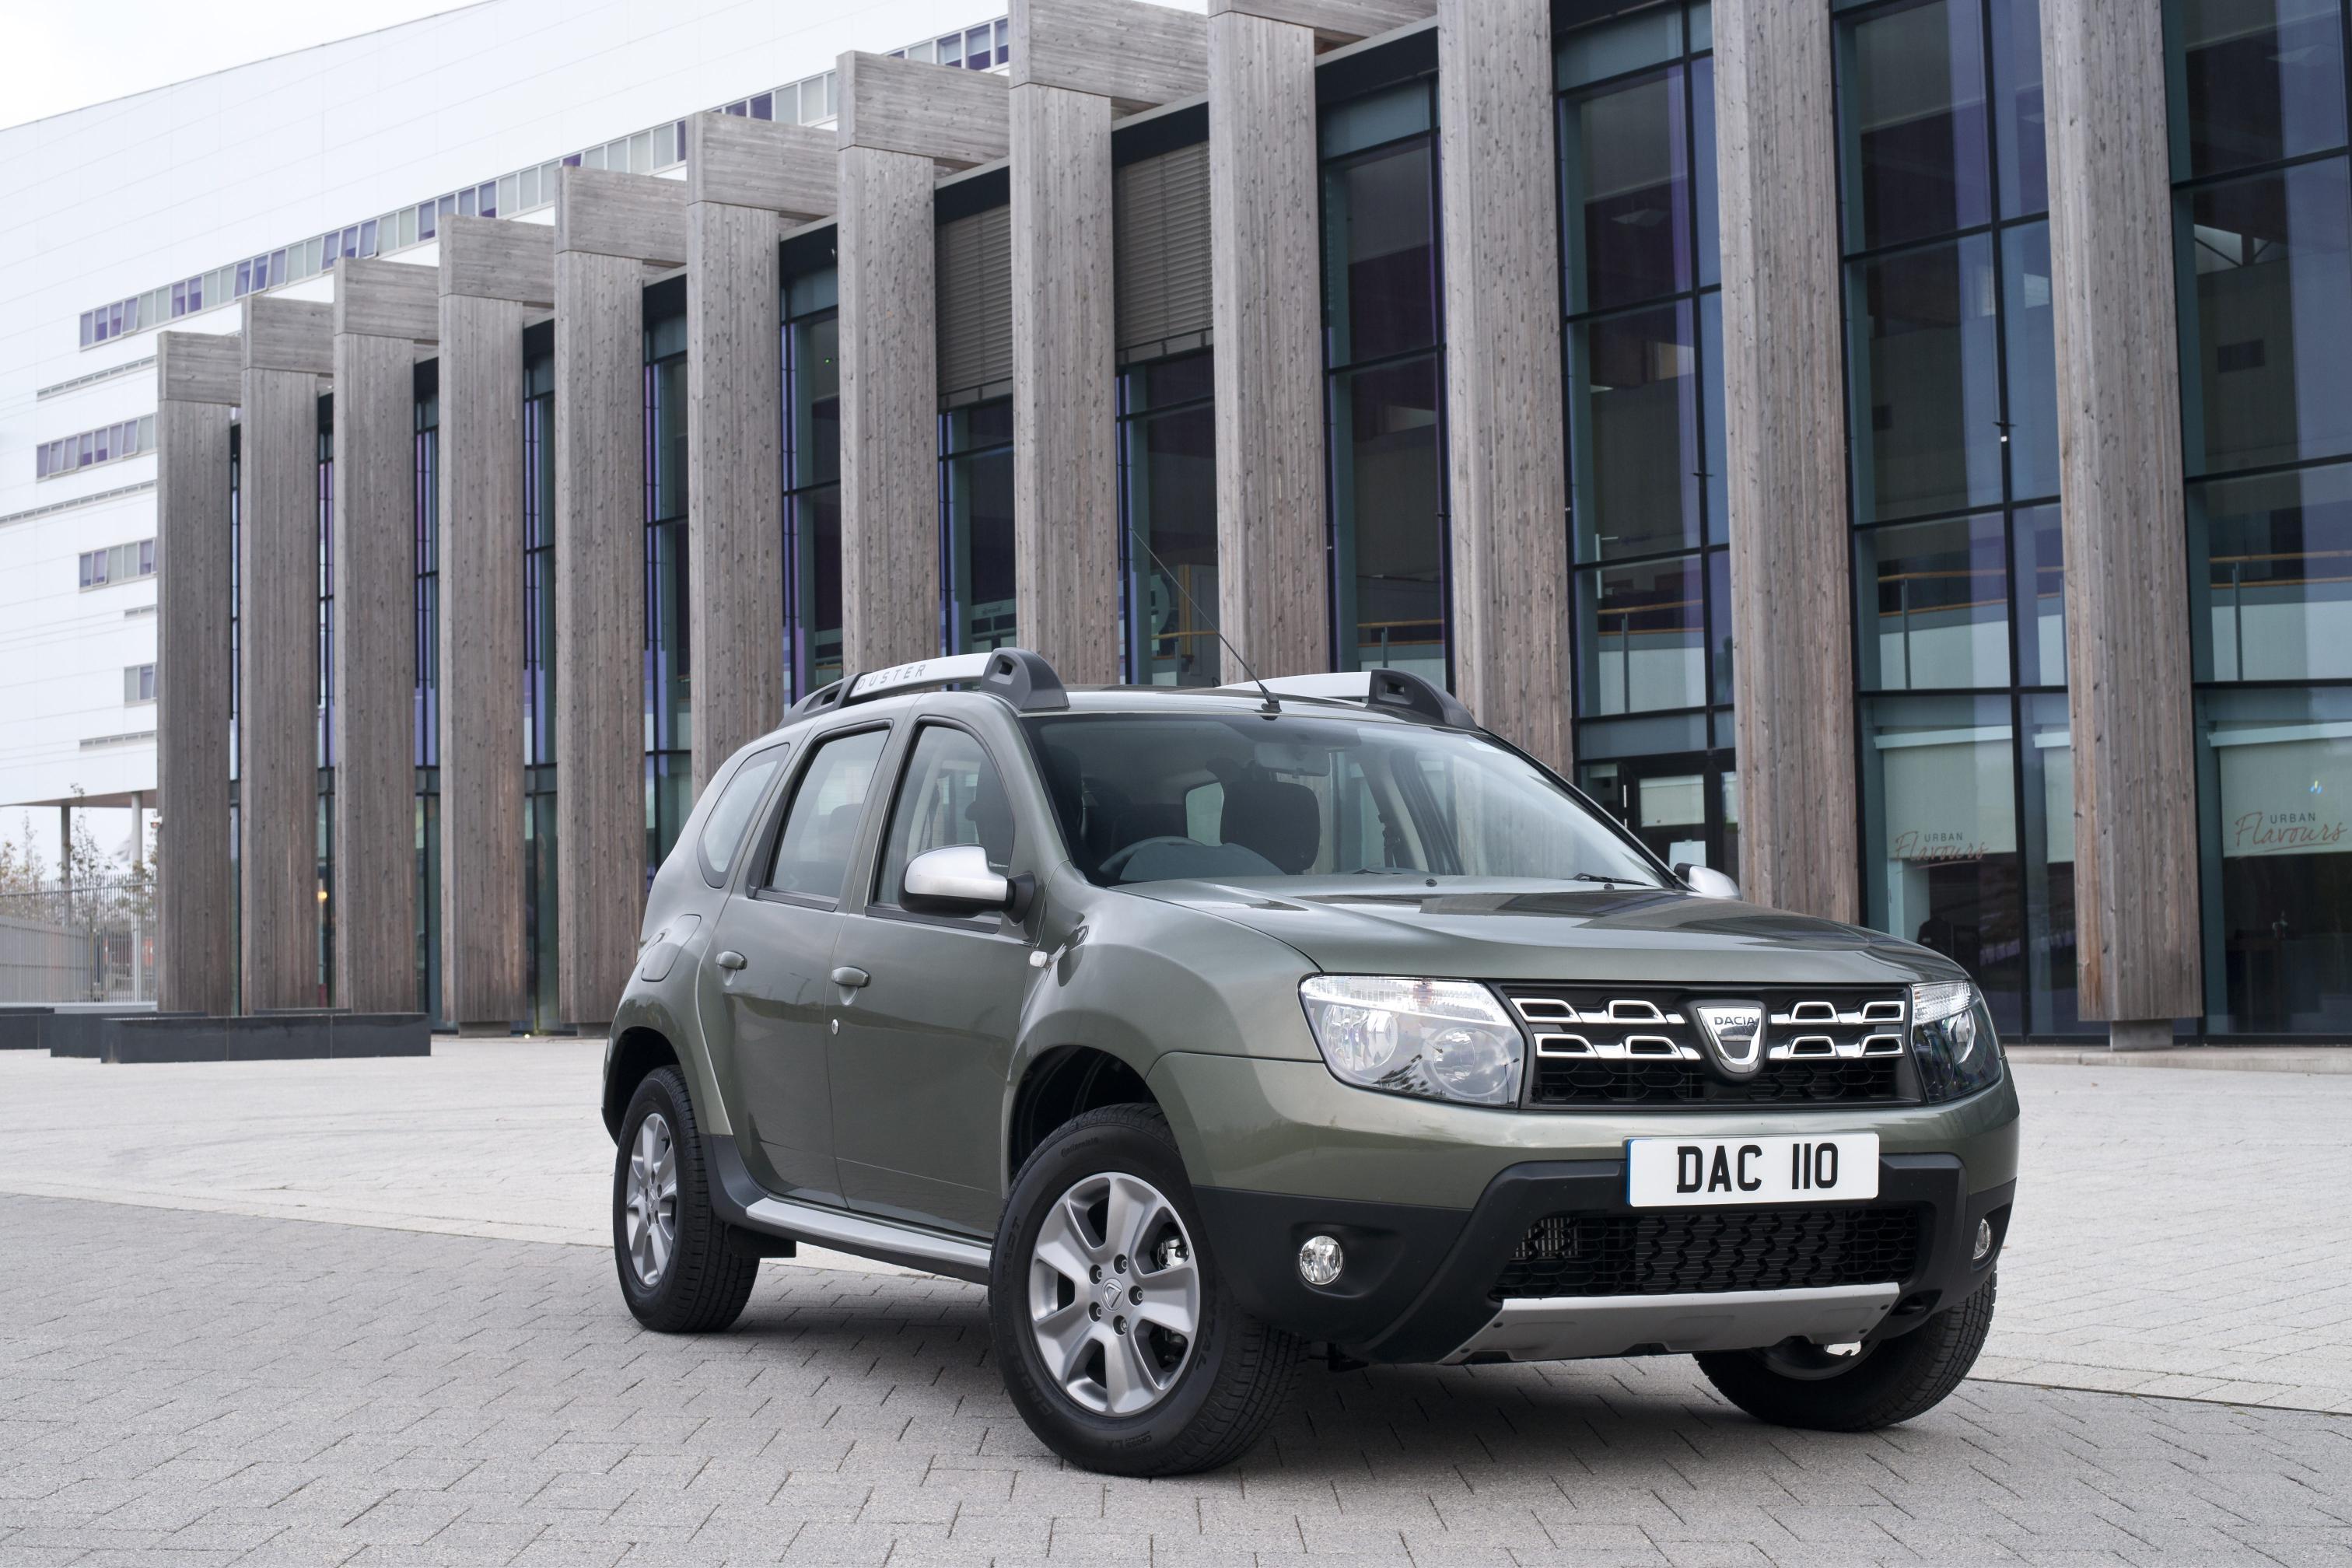 Dacia Duster 2015 : 2015 dacia duster facelift for uk market unveiled autoevolution ~ Medecine-chirurgie-esthetiques.com Avis de Voitures